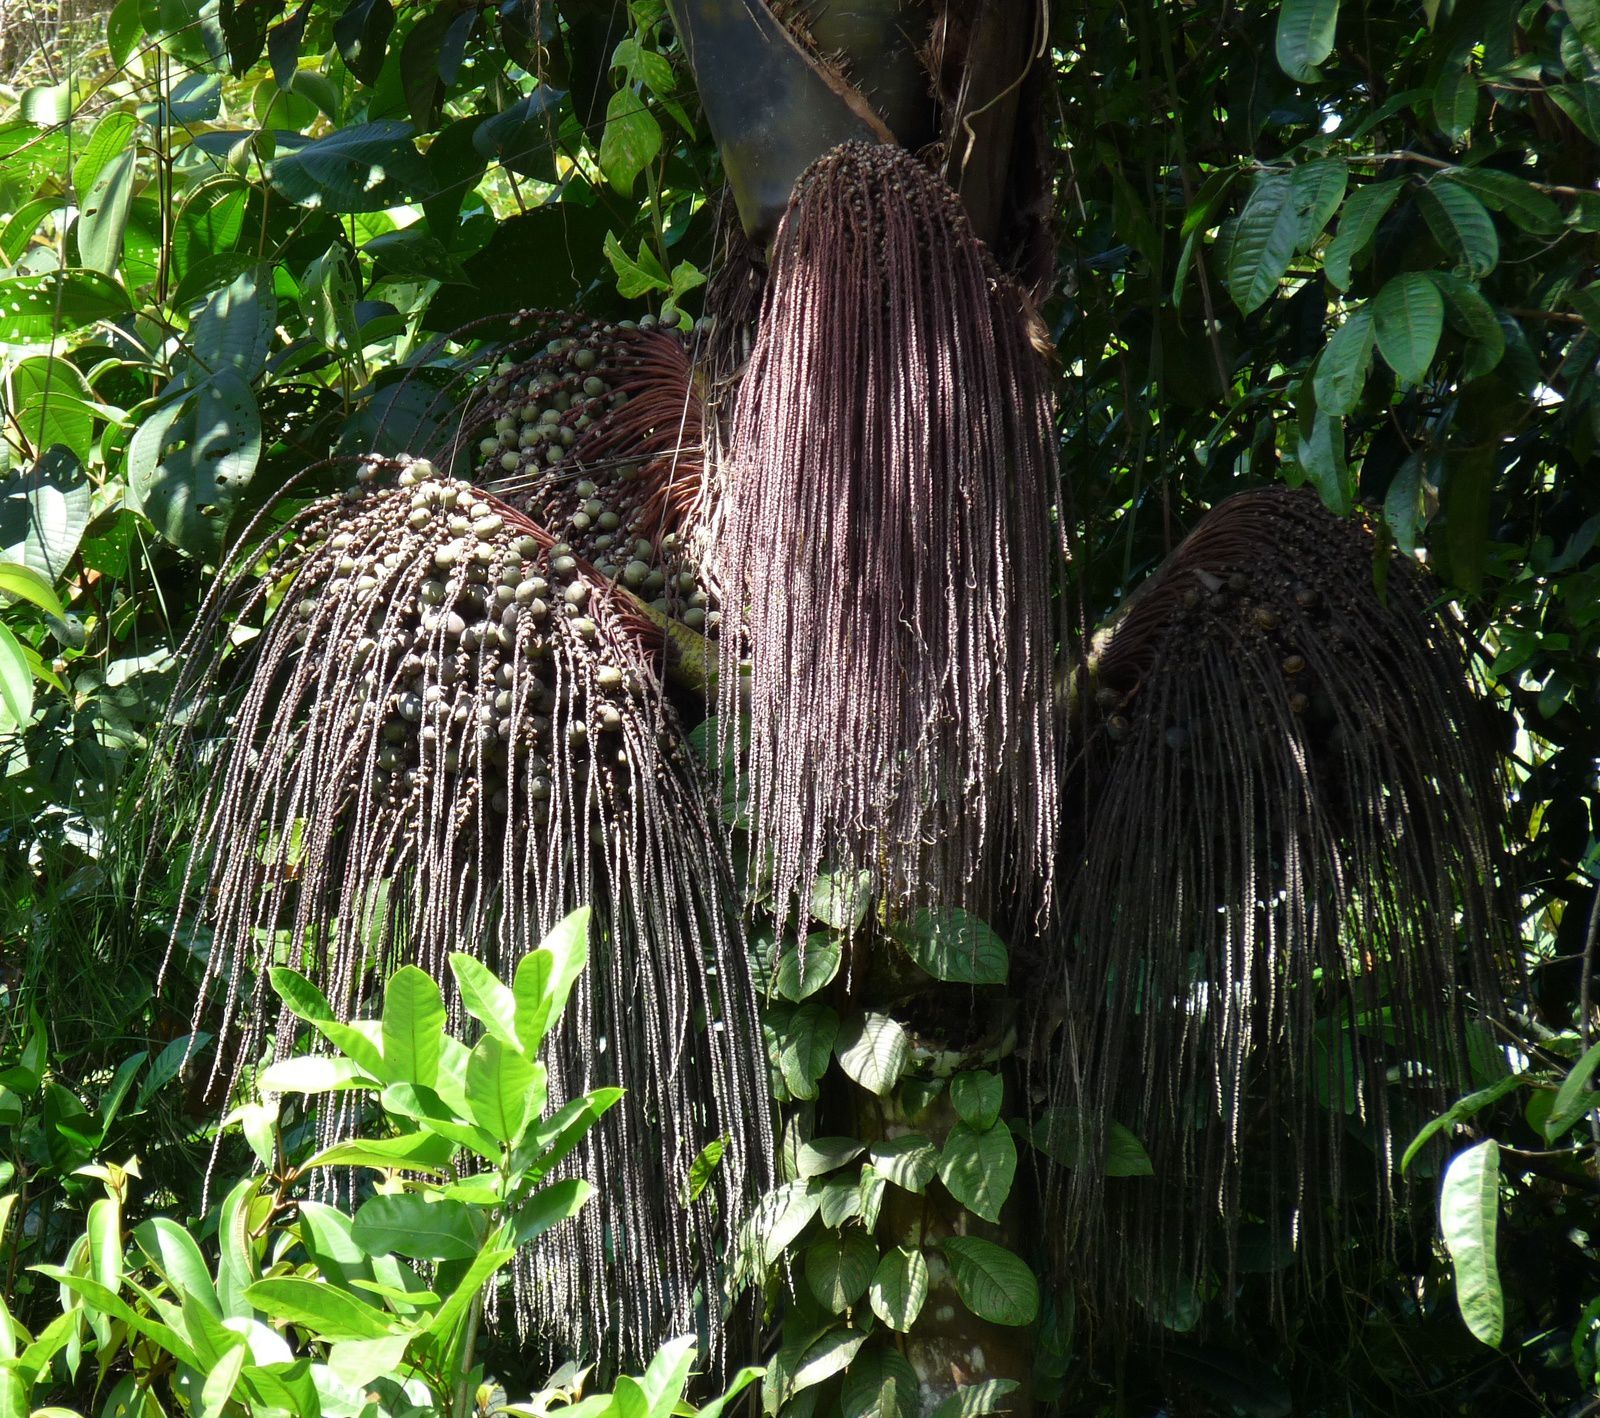 Oenocarpus bataua (patawa)